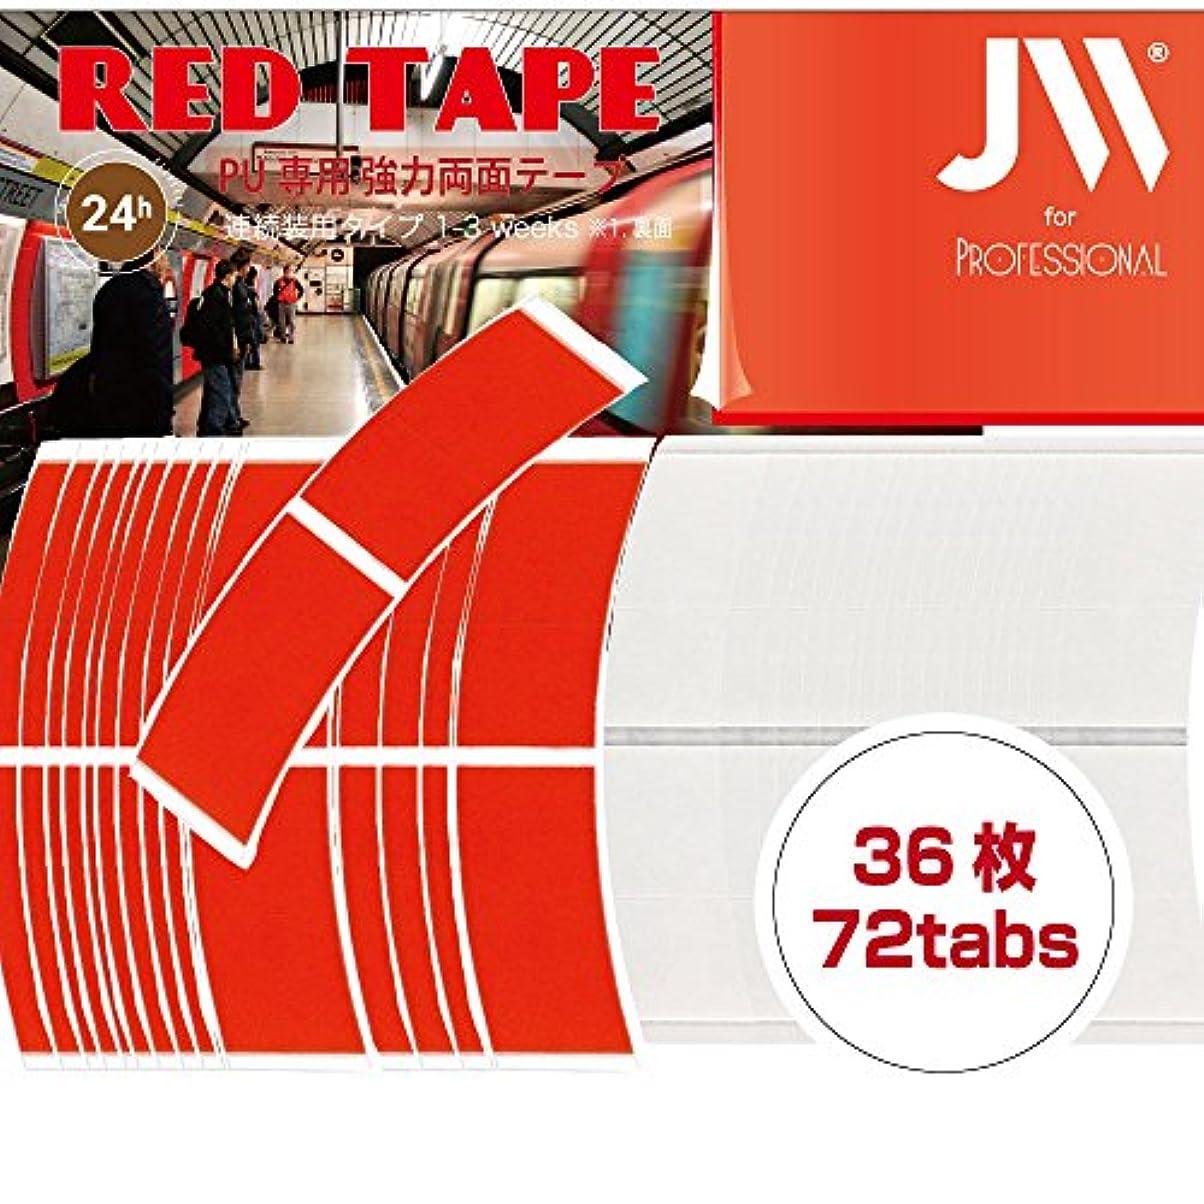 手術輝く代替案強力両面テープ:RED TAPE1袋36枚入り(小分け72枚)テープ形状:アジアカーブ …